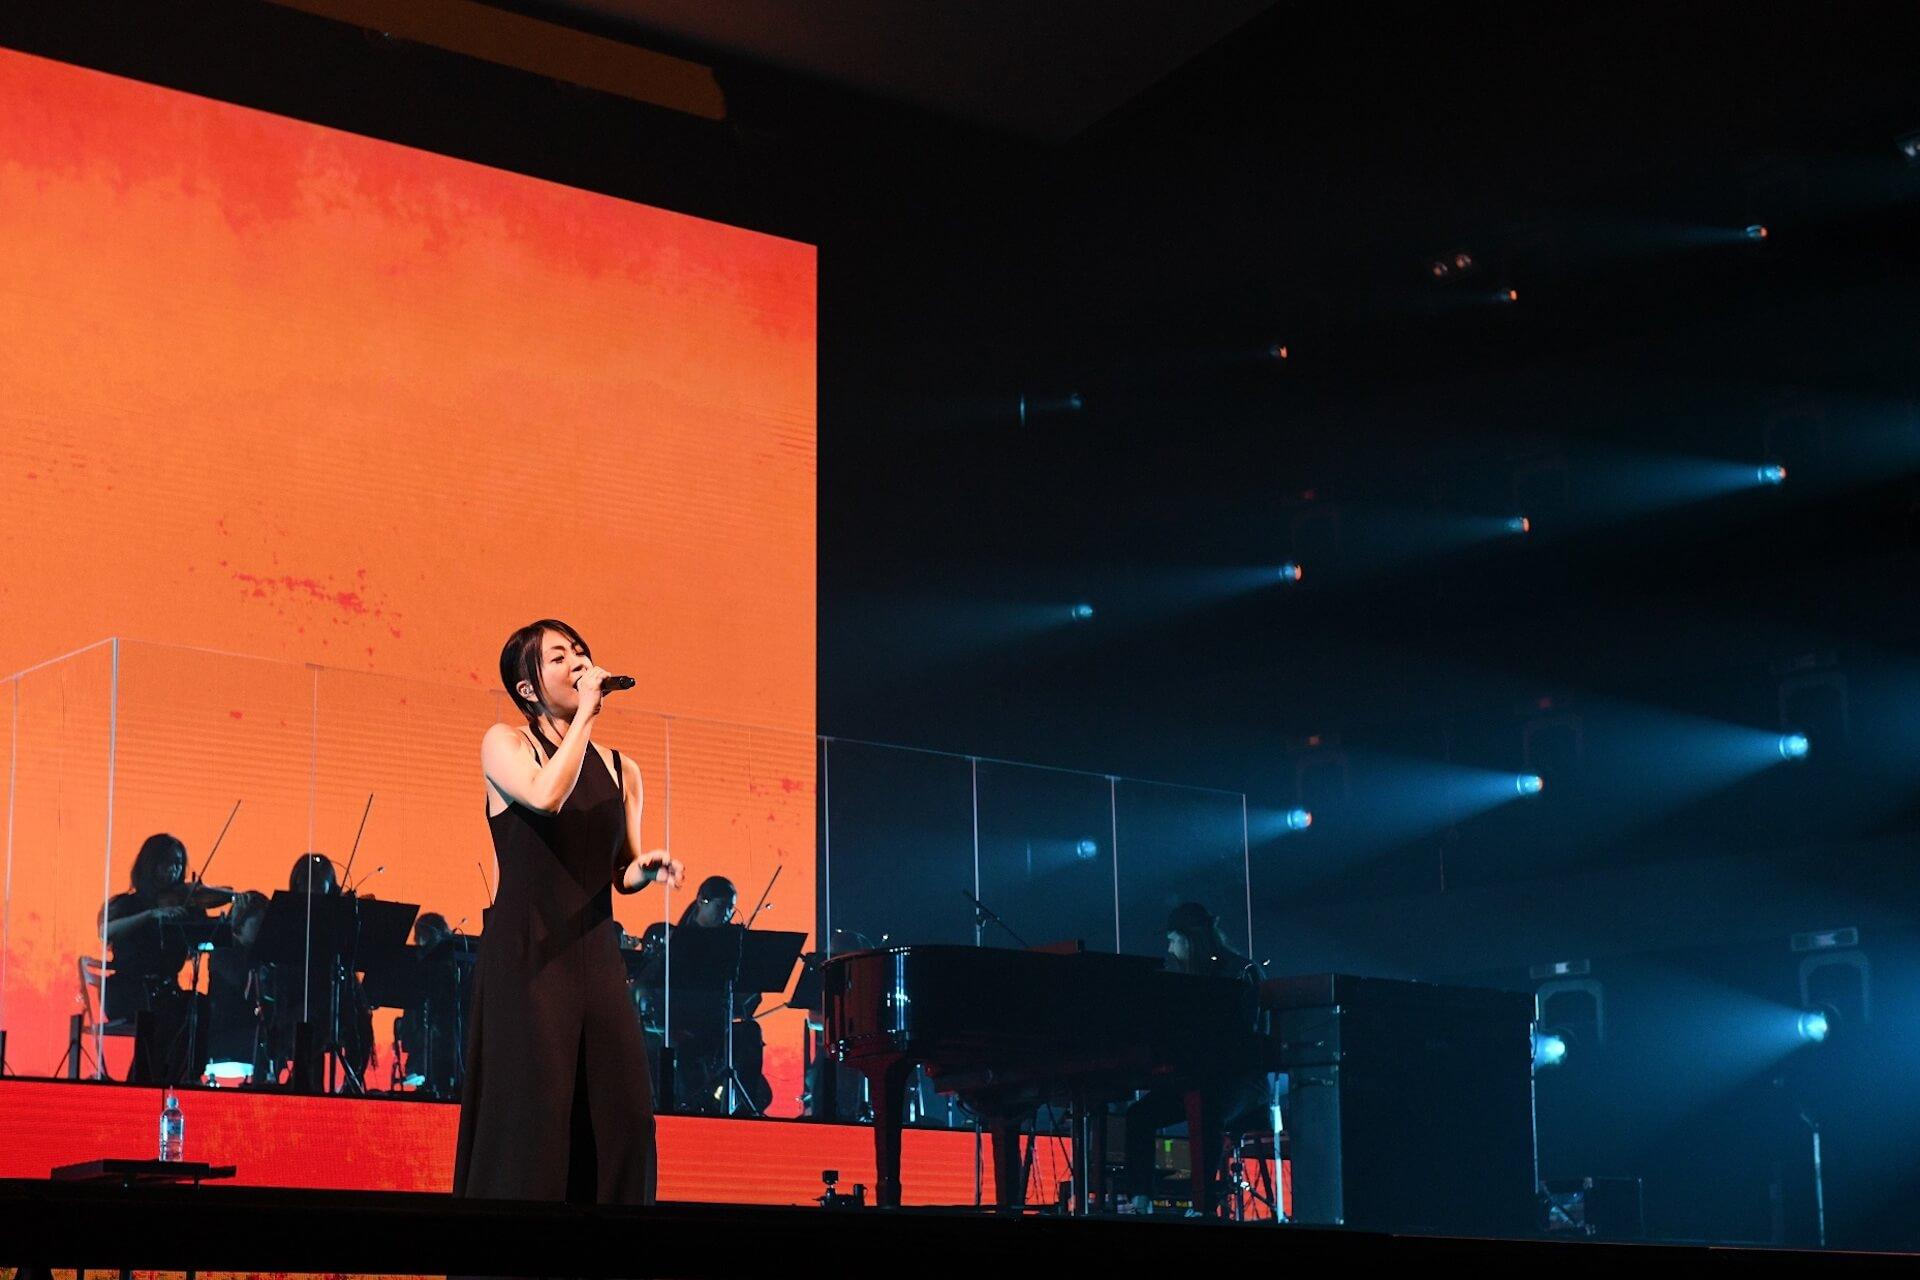 ファンが選んだ宇多田ヒカルの過去ライブ映像をまとめた特別番組『HIKARU UTADA Live TOP FAN PICKS』が公開! music200901_utadahikaru_live_1